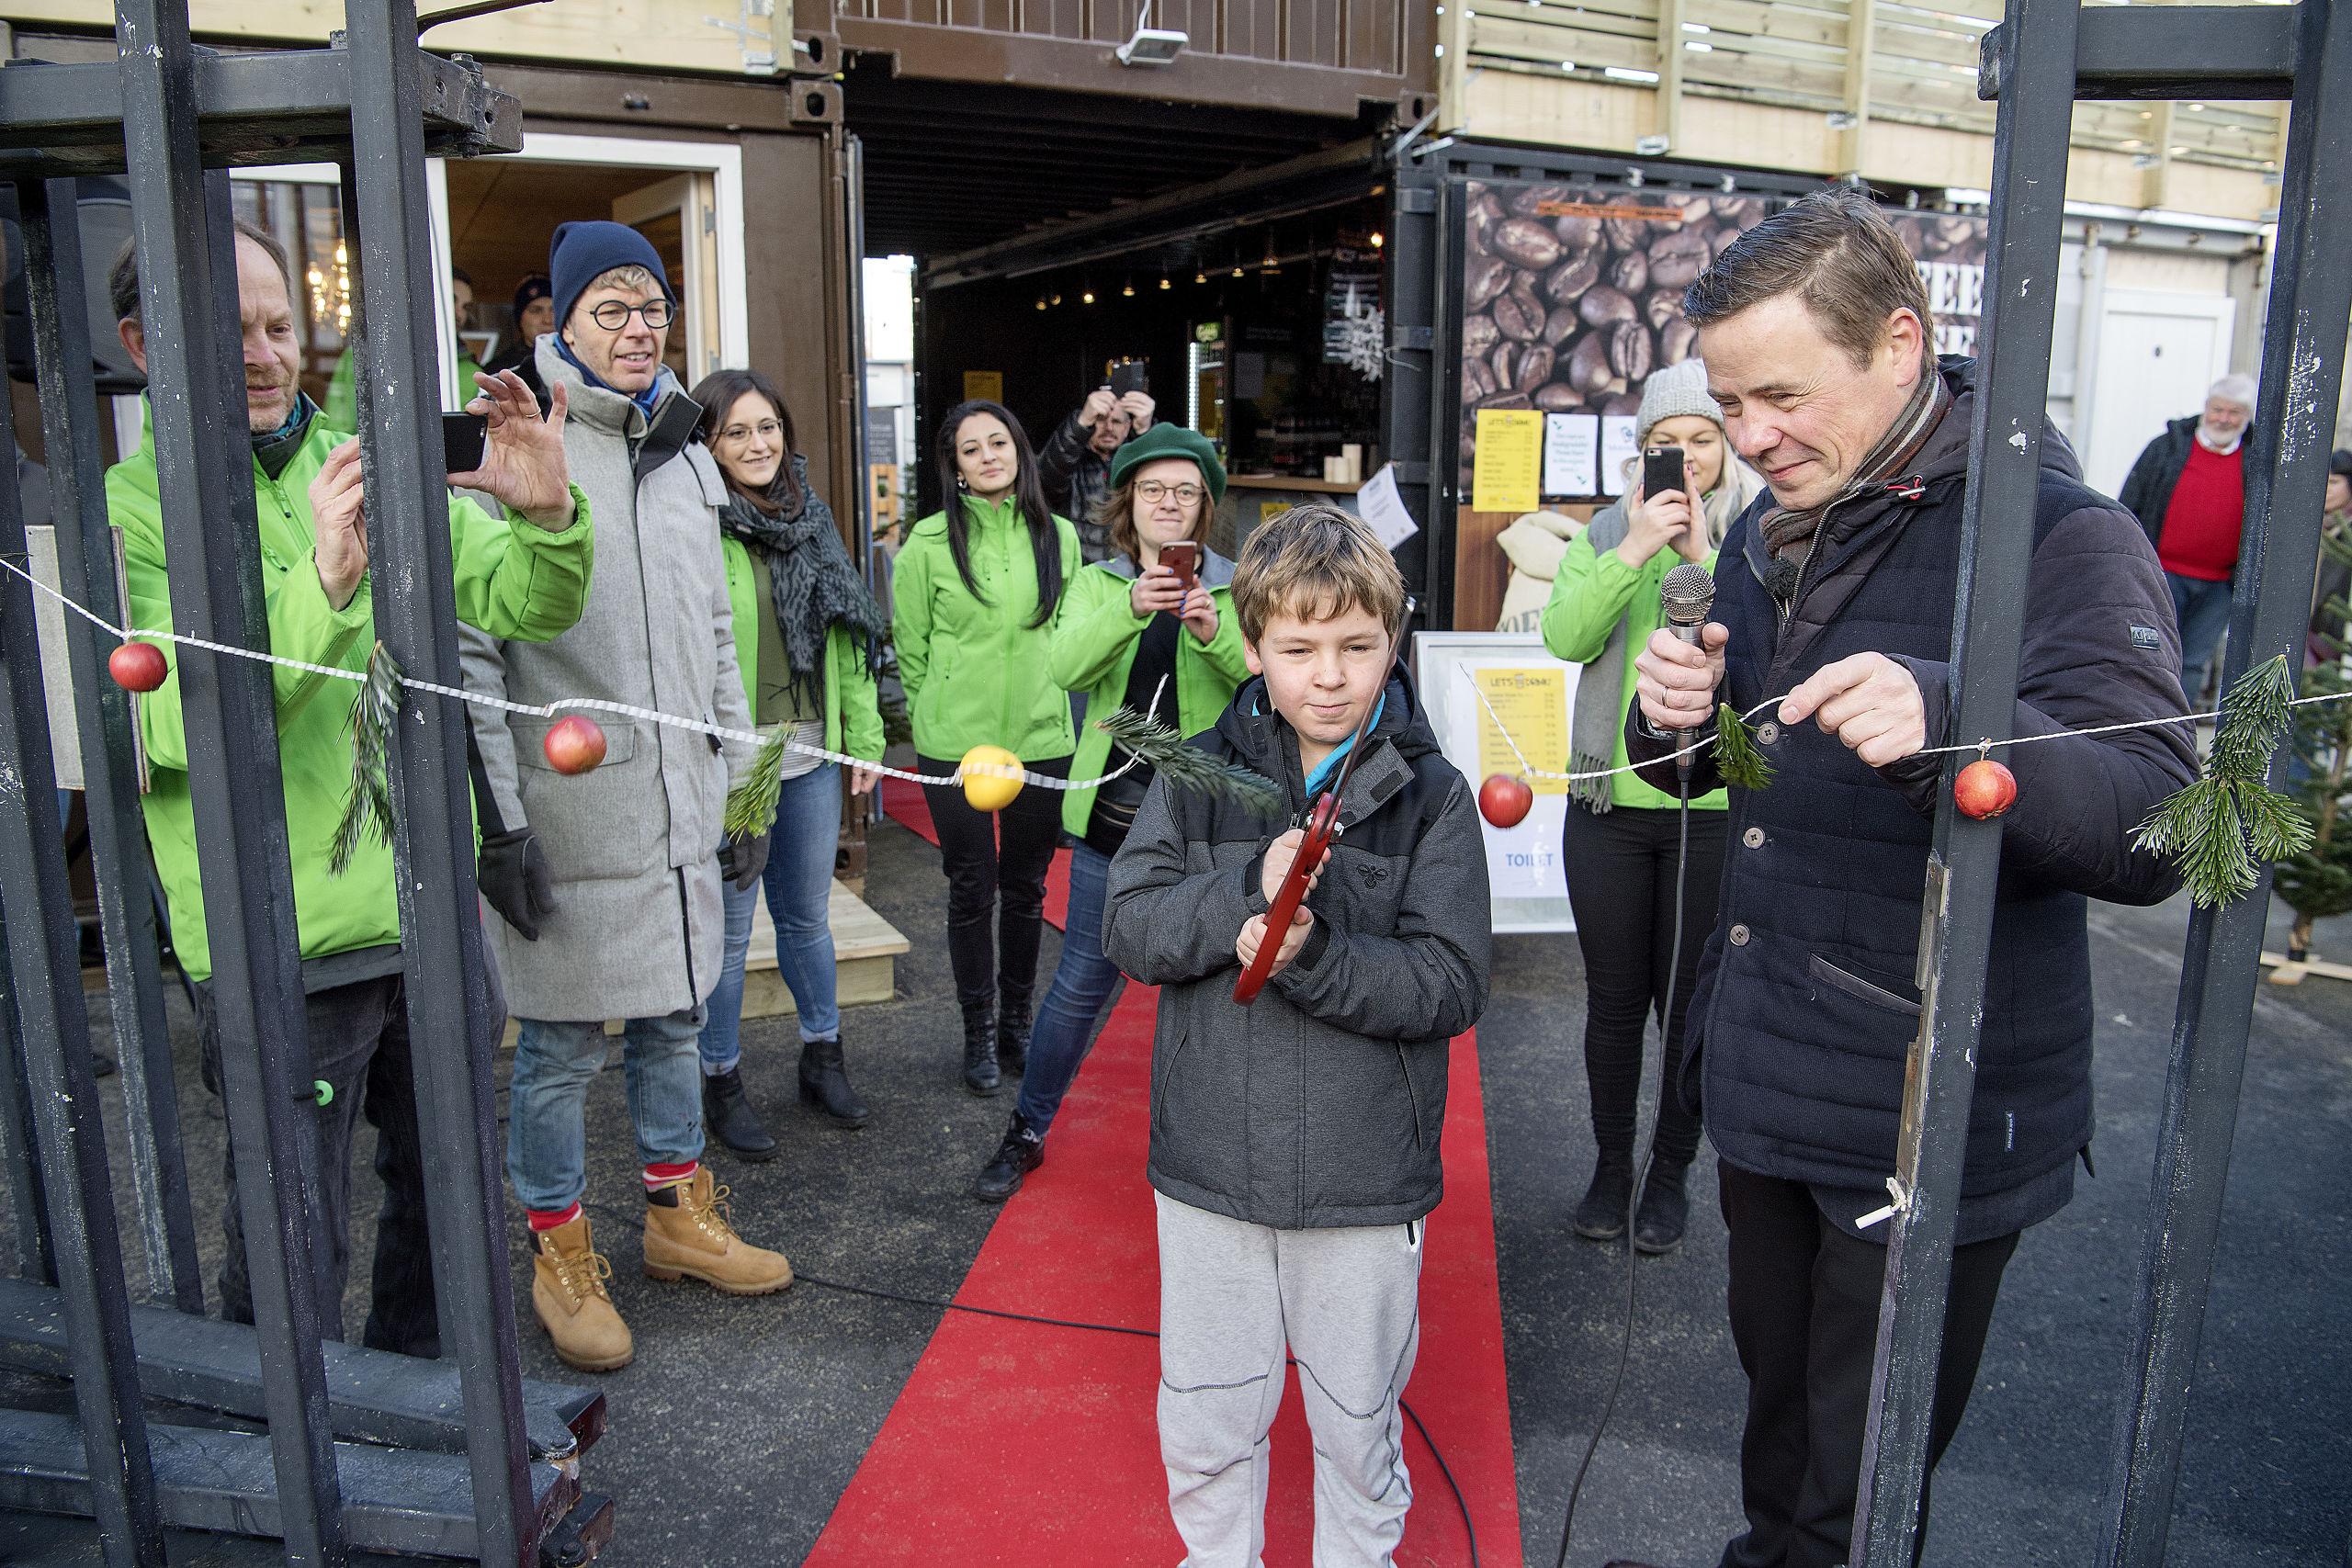 Sådan så det ud, at borgmester Thomas Kastrup-Larsen og sønnen Aksel sidste år klippede snoren til BoxTown. Arkivfoto: Lars Pauli